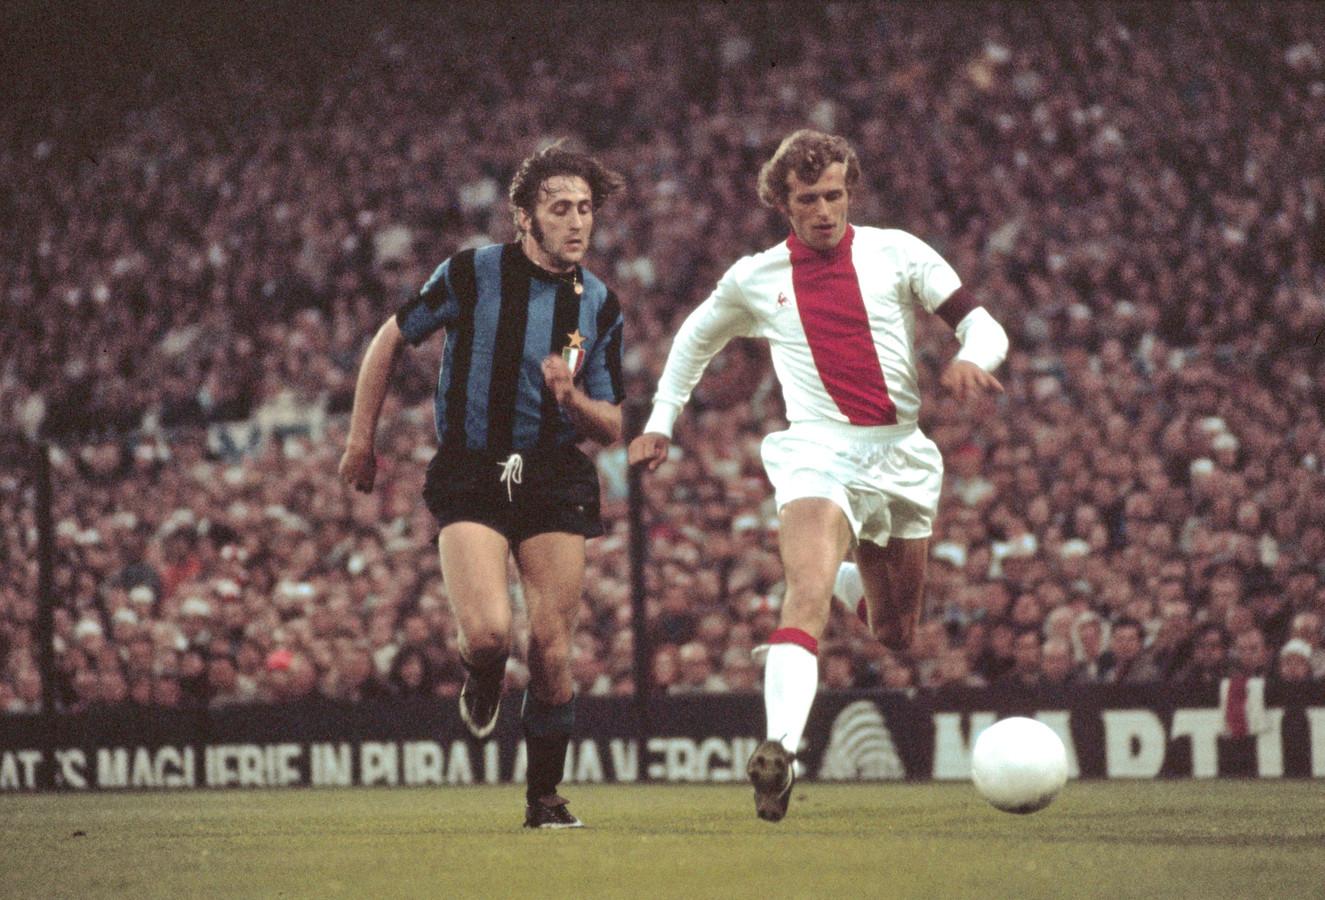 31 mei 1972: Piet Keizer wordt opgejaard door Mauro Bellugi van Internazionale in de Europa Cup-finale (2-0 zege).